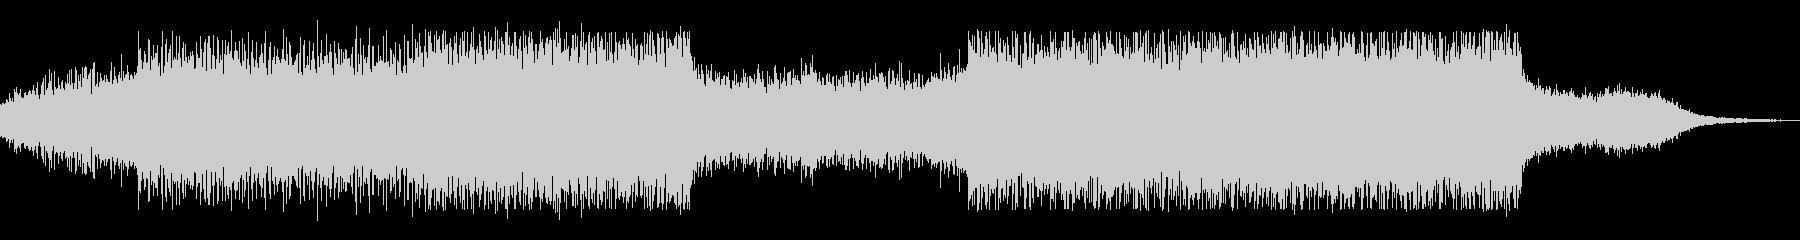 bpm140シンプルで地味なテクノの未再生の波形